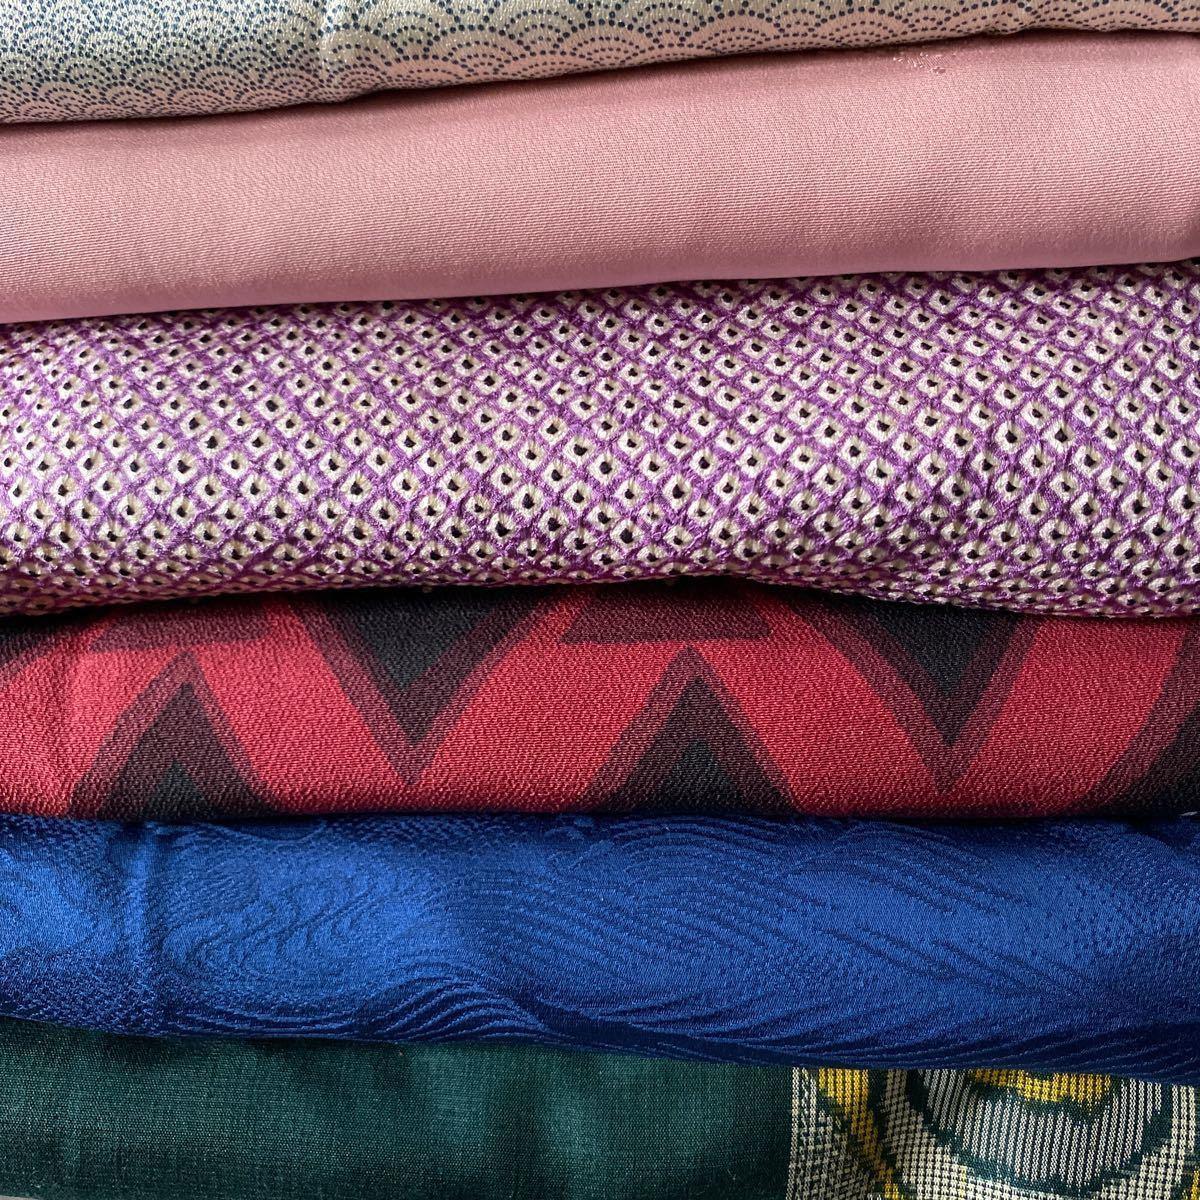 正絹 着物 リメイク素材 10枚 セット.